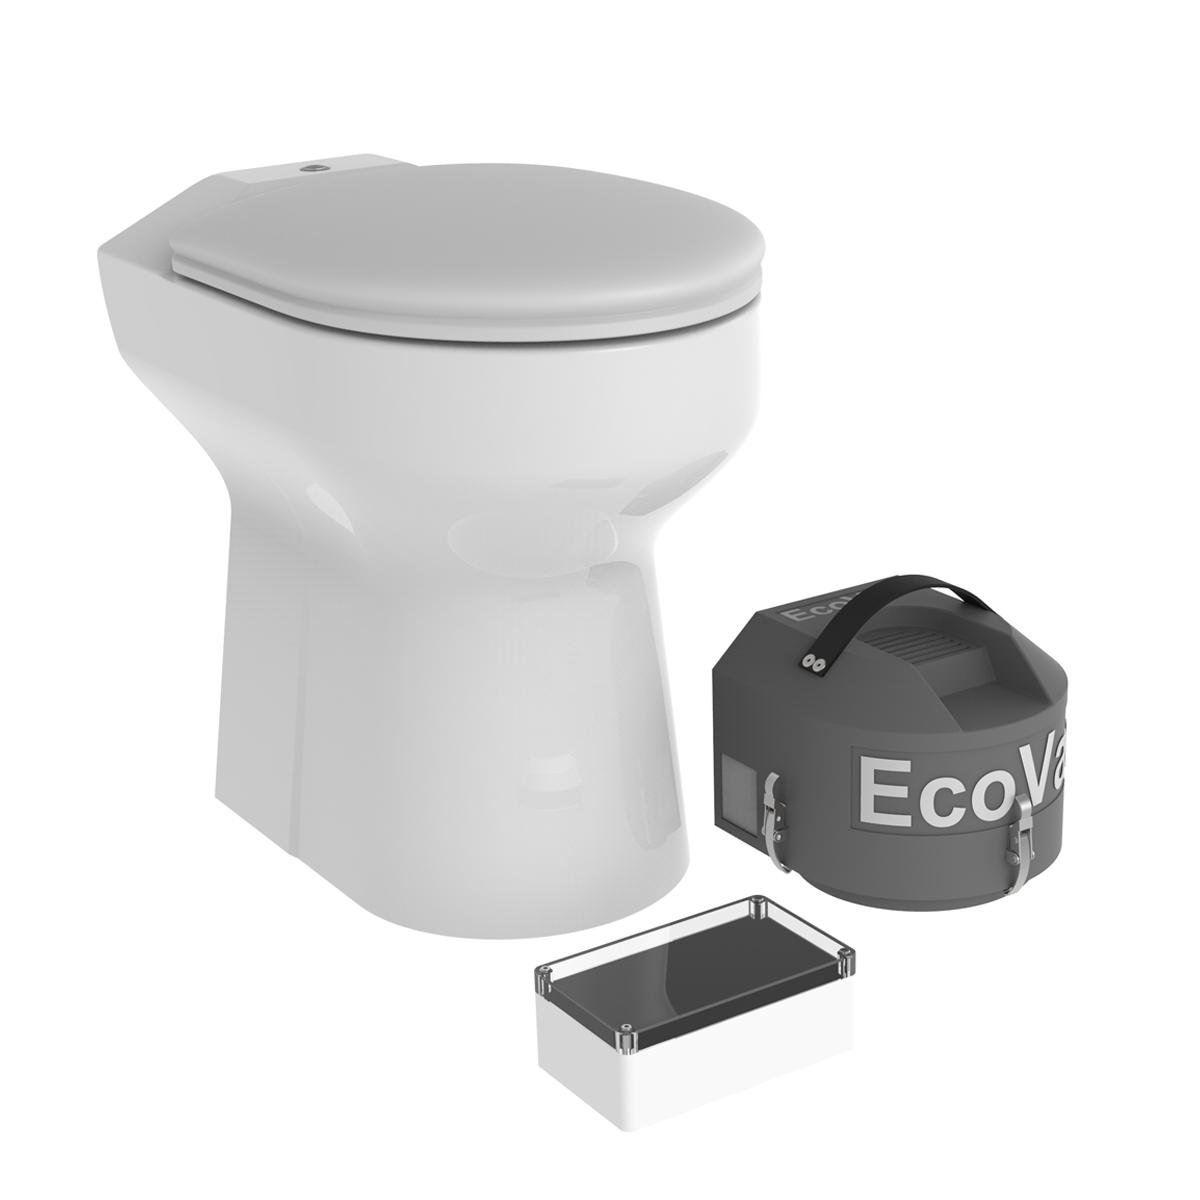 EcoVacvakuum-WC - > EcoVac broschyr> EcoVac manual> BOSS:2 manual> EcoVac felsökning> EcoVac BASE Motorbyte> EcoVac EXTEND Skötsel> EcoVac Vinterskötsel